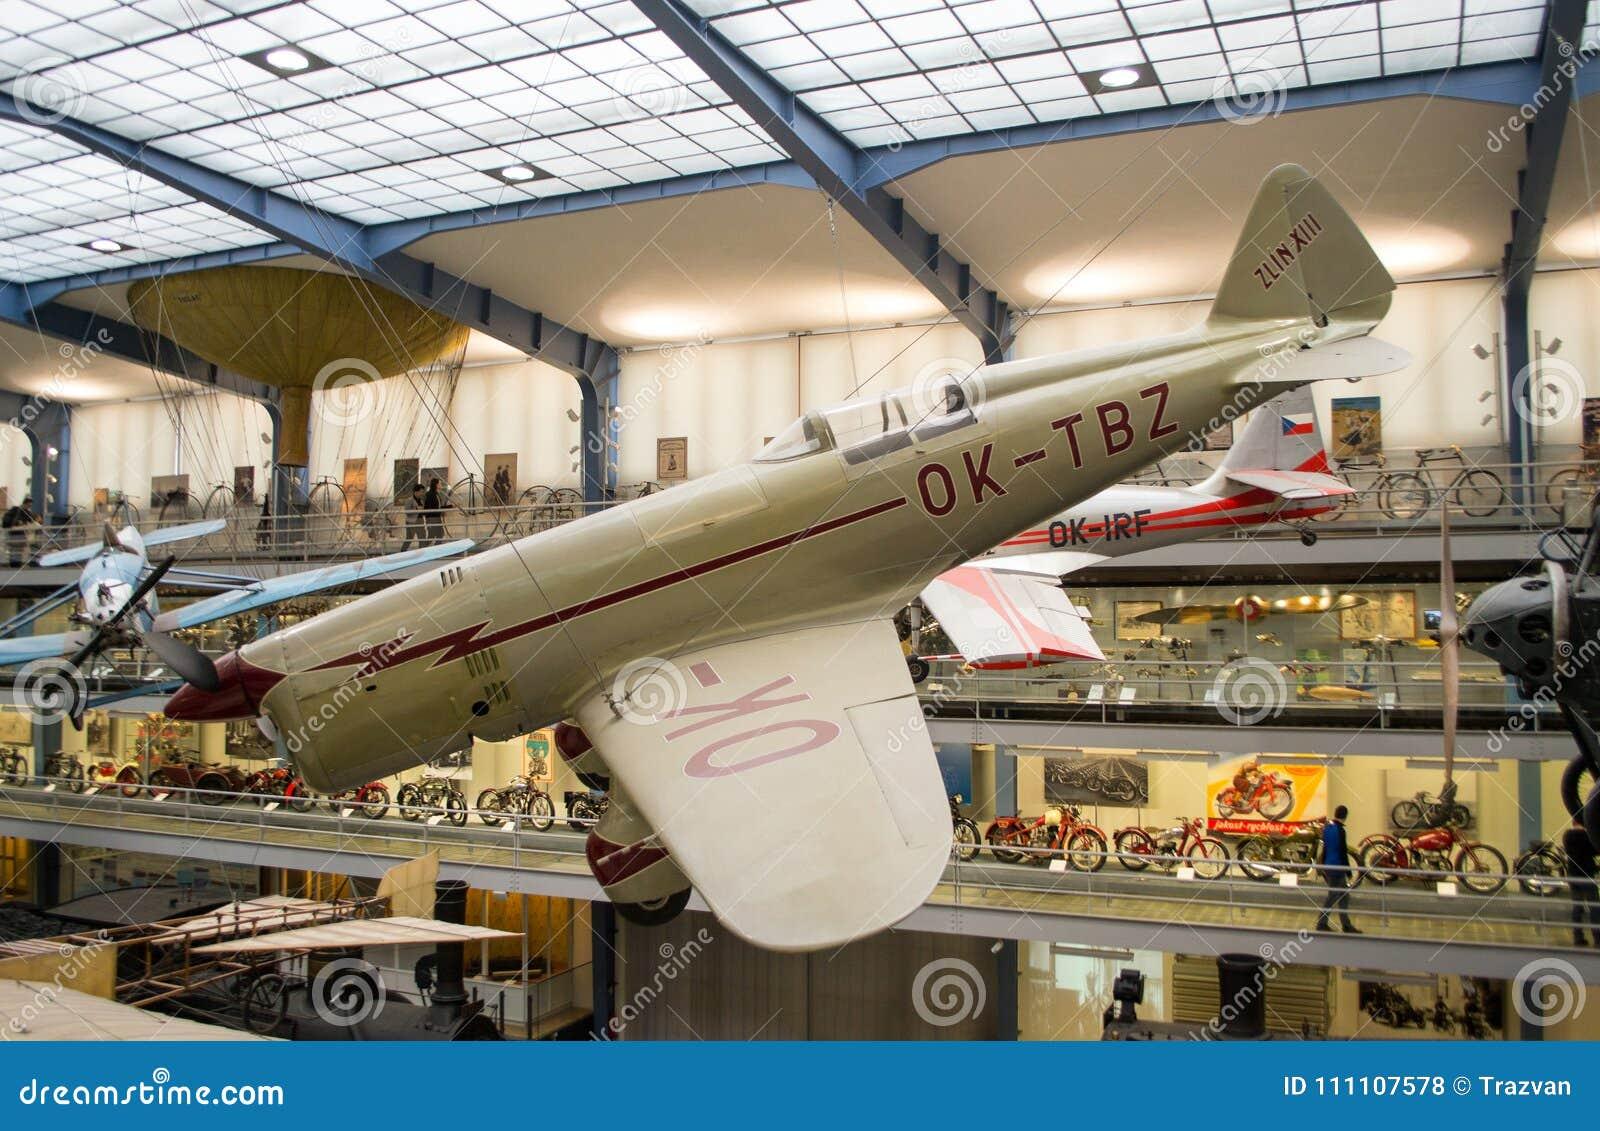 Zlin XIII, rejestracja OK-TBZ, Krajowy Techniczny muzeum, Praga, republika czech